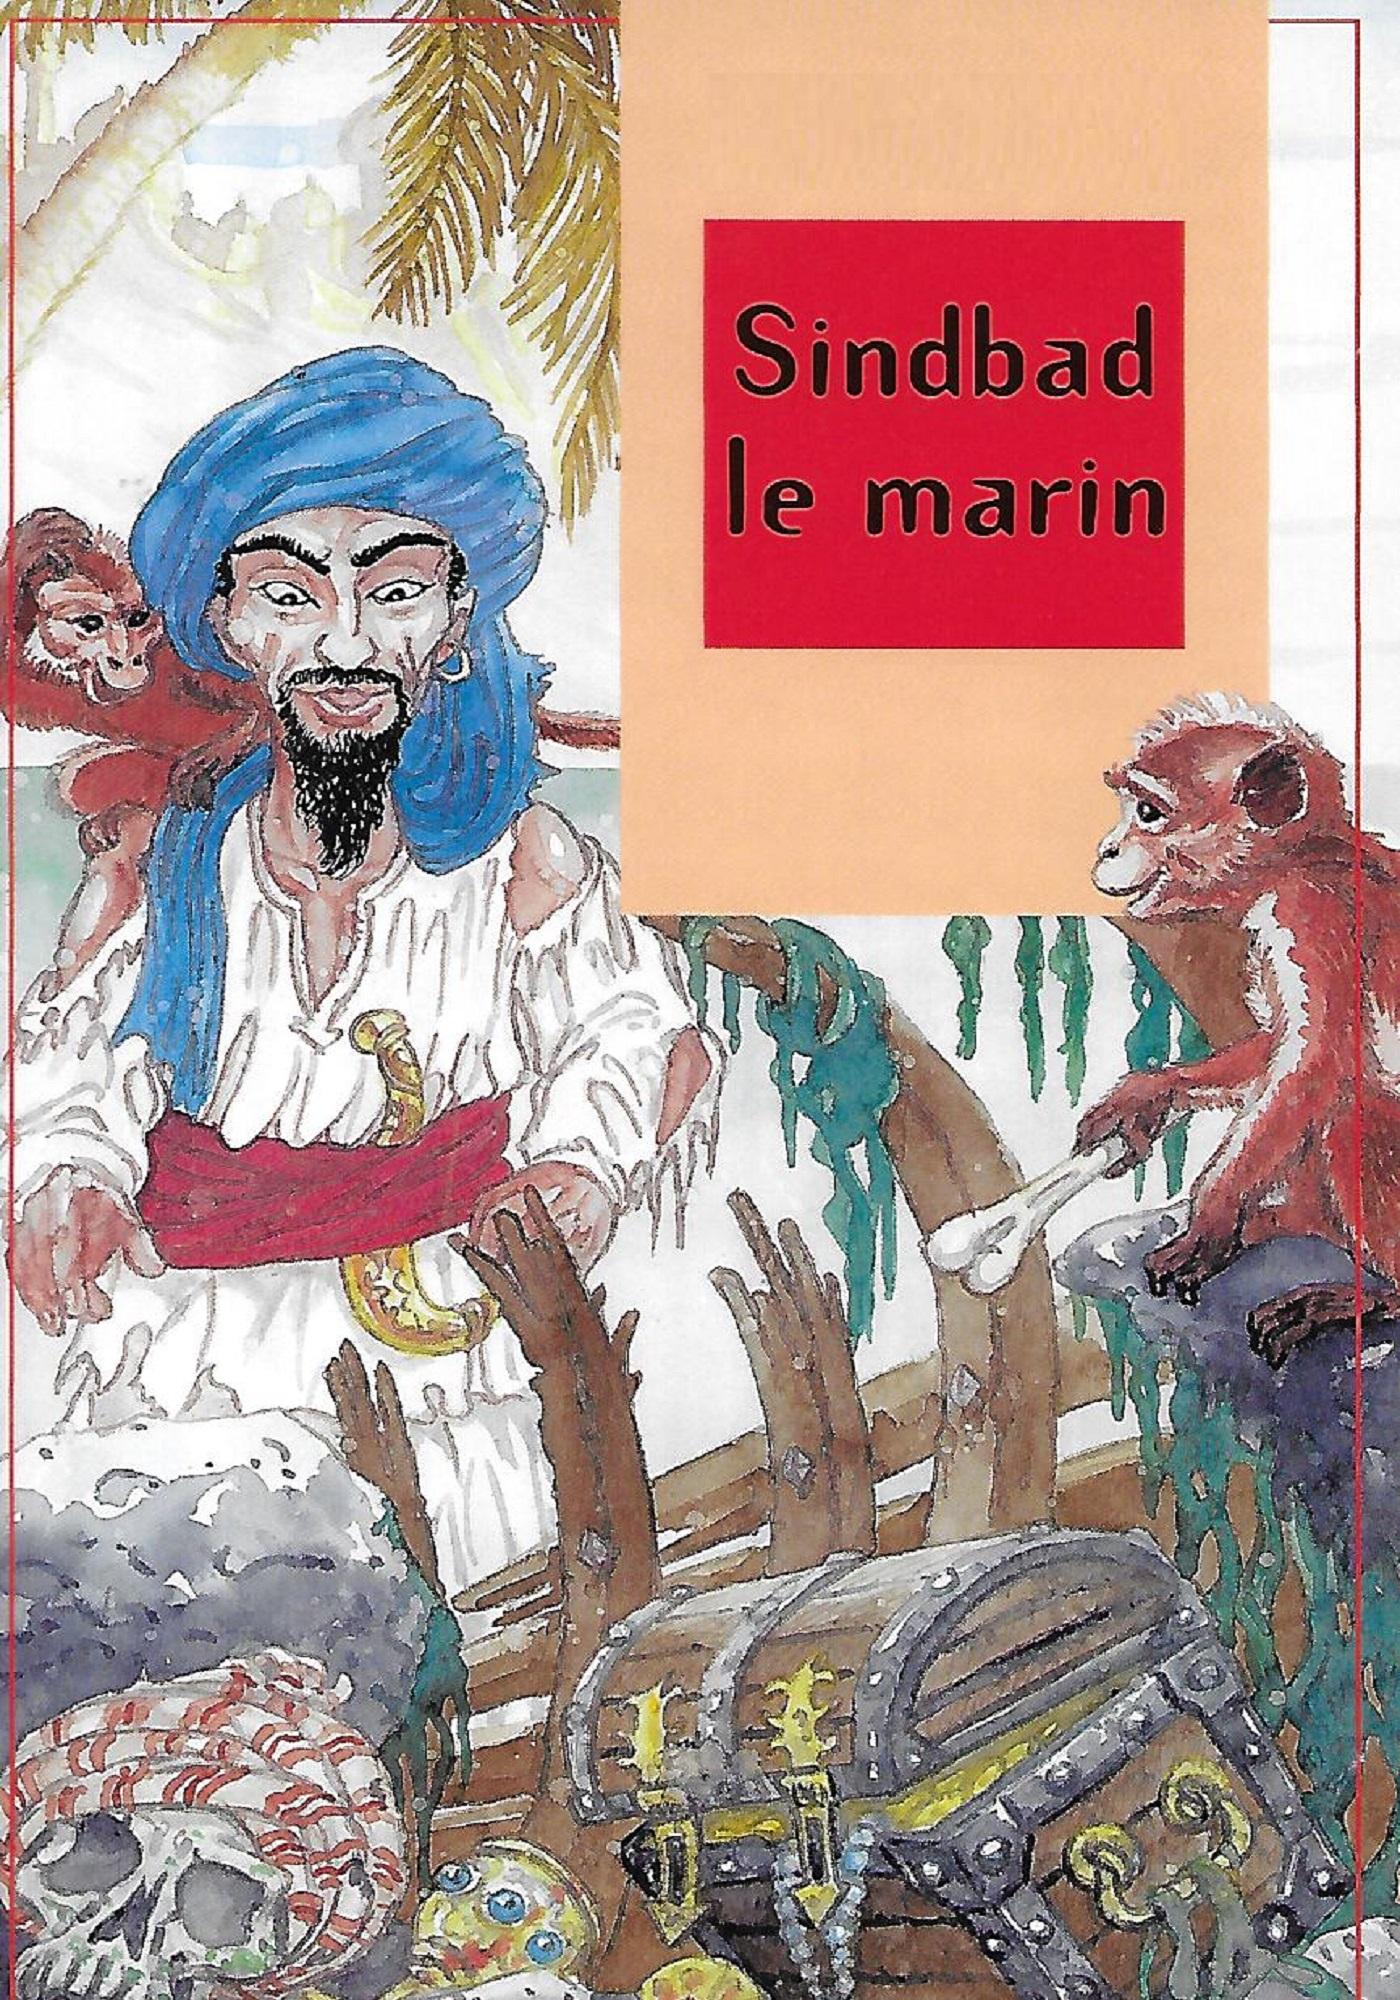 Sindbad Le Marin